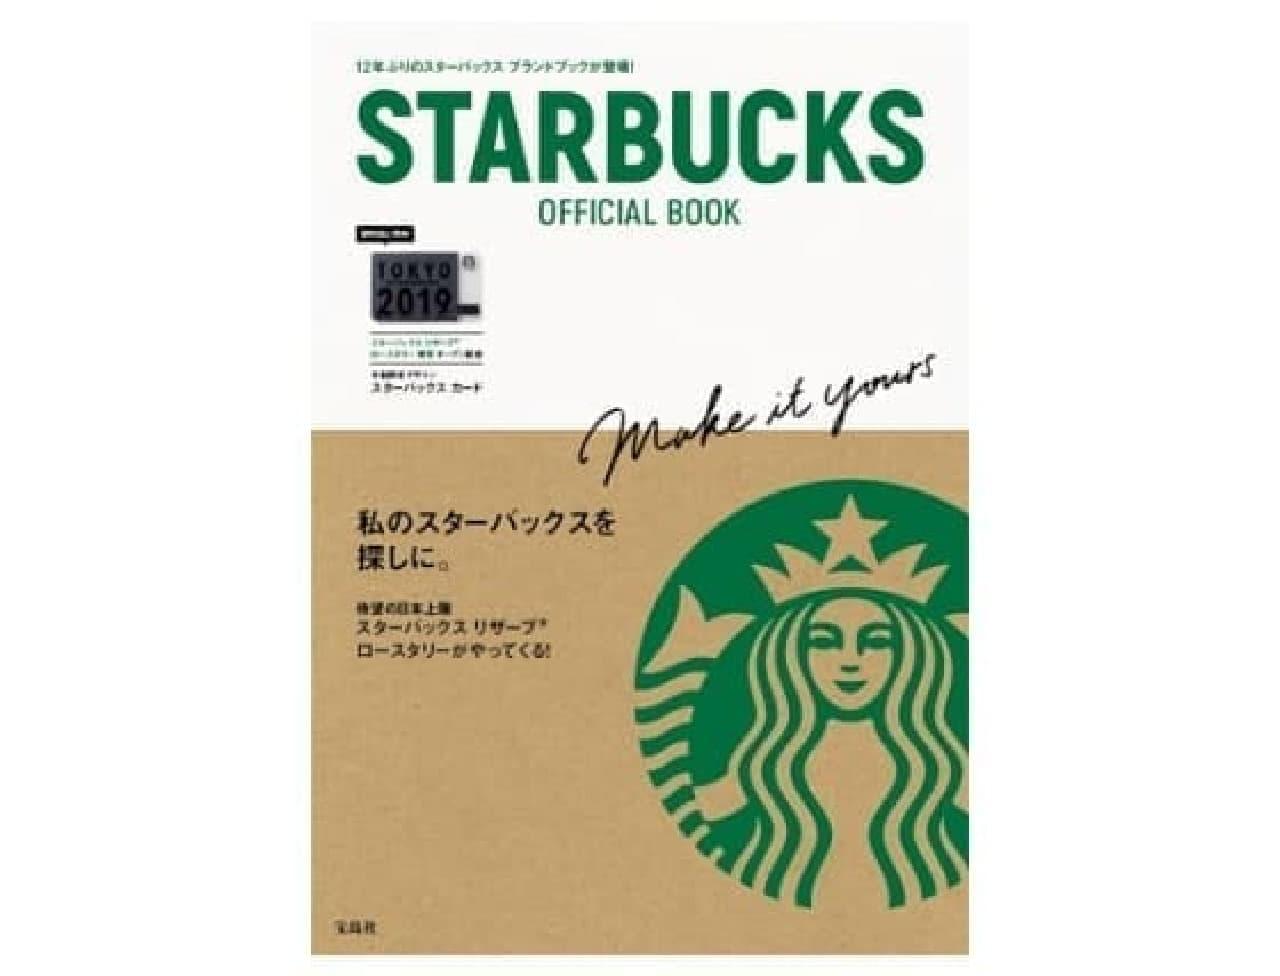 宝島社「STARBUCKS OFFICIAL BOOK(スターバックス オフィシャル ブック)」